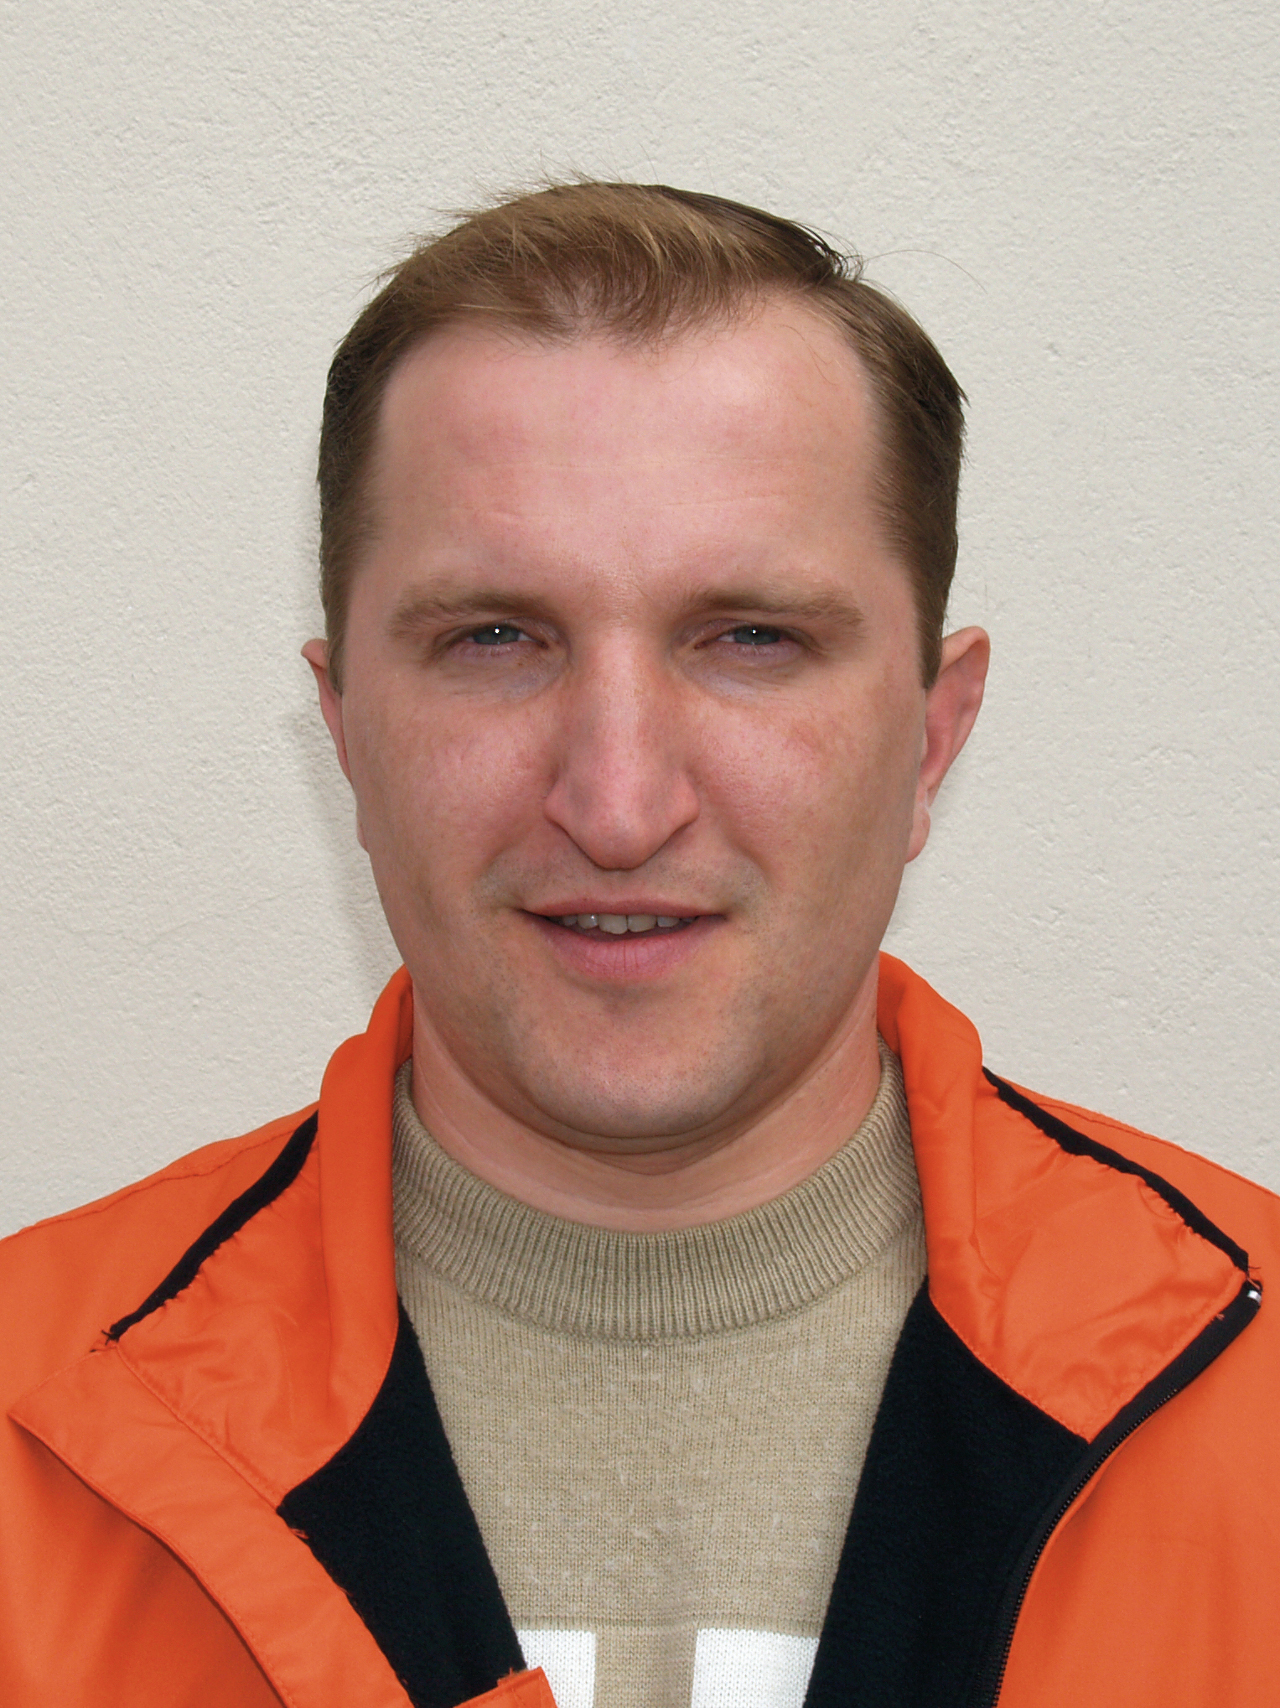 Alex Knaub